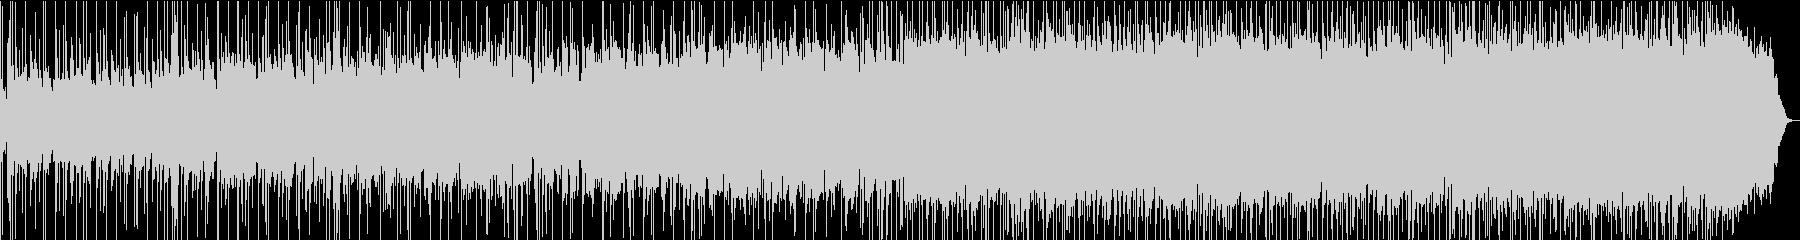 英詞、ミュージカル風・音の壁〜壮大な音像の未再生の波形